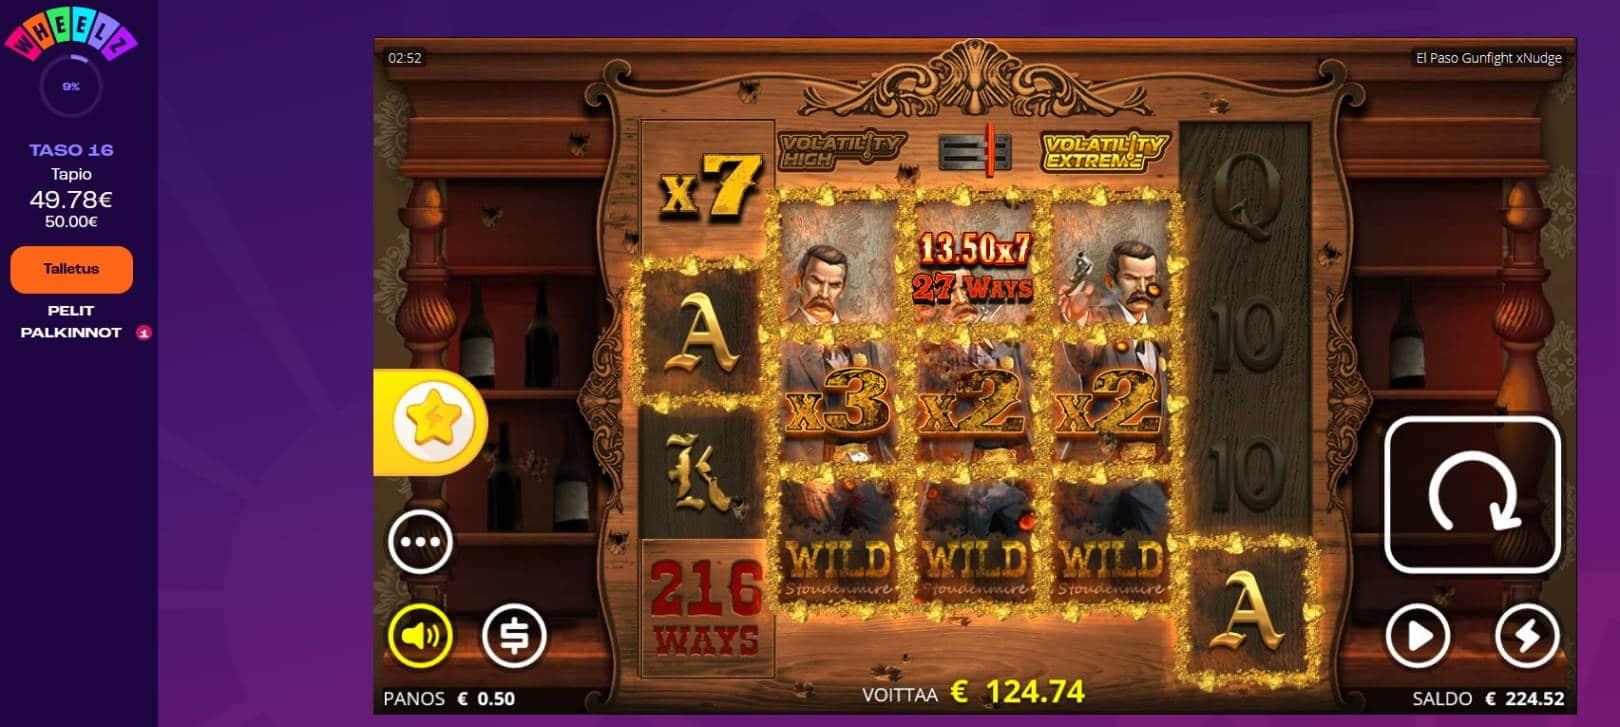 El Paso Gunfight Casino win picture by MrMork 21.4.2021 124.74e 249x Wheelz